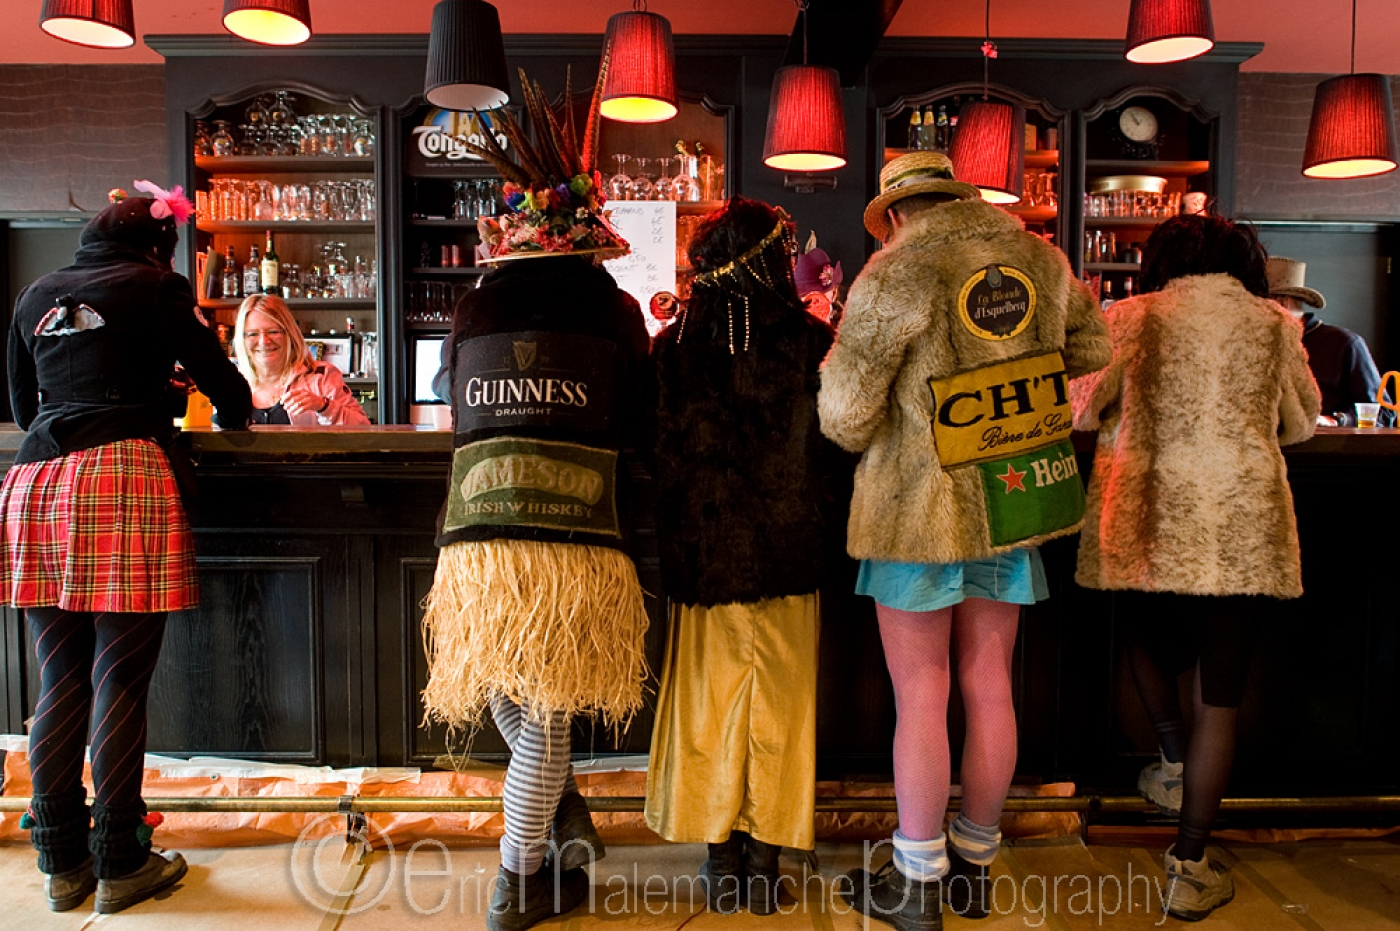 http://www.ericmalemanche.com/imagess/topics/carnaval-de-dunkerque/liste/Carnaval-Dunkerque-0210.jpg